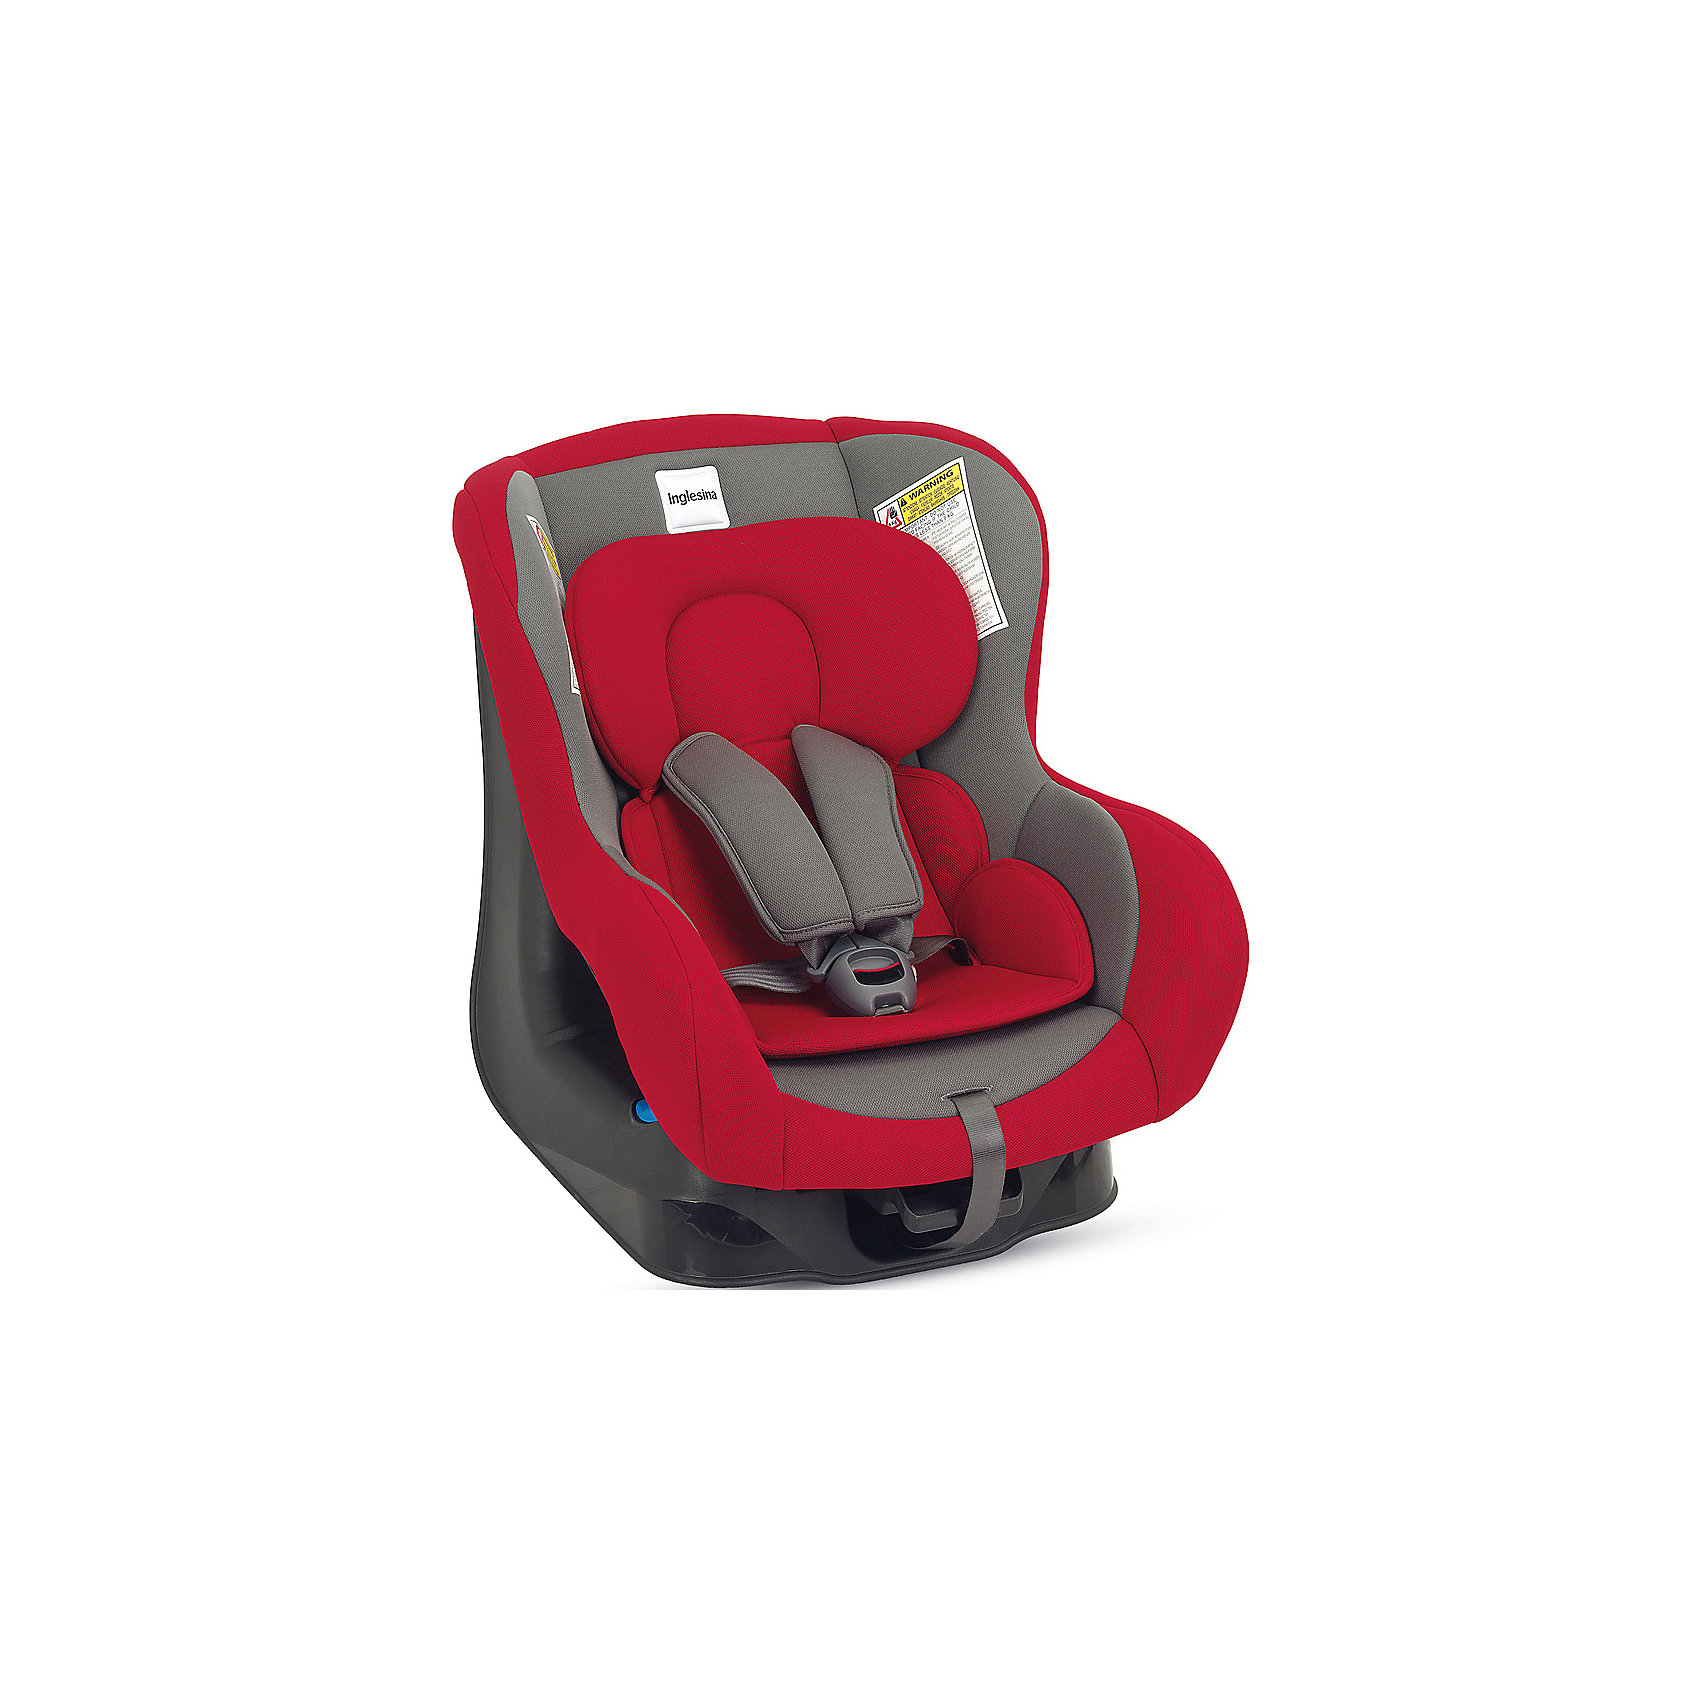 Автокресло Magellano 0-18 кг., Inglesina, RedАвтокресло Magellano - прекрасный вариант для малышей, с ним поездки в автомобиле всегда будут безопасными и комфортными. Технология Side Head Protection защитит малышей от боковых ударов. Кресло обладает удобной универсальной конструкцией и приятной на ощупь обивкой. Чехлы сшиты из практичной и прочной ткани. Их можно снимать и стирать в режиме деликатной стирки. Модель предусматривает уютный вкладыш для малышей с ремнями безопасности с мягкими накладками. Для еще более комфортного отдыха, угол наклона спинки регулируется. <br><br>Дополнительная информация:<br><br>- Материал: текстиль, пластик, металл.<br>- Размер: 44х59х54 см.<br>- Вес: 6 кг.<br>- Группа 0+/1 (до 18 кг).<br>- Устанавливается по ходу и против хода движения. <br>- Ремни безопасности.<br>- Мягкий вкладыш. <br>- Крепится в автомобиле с помощью штатных ремней.<br><br>Автокресло Magellano 0-18 кг., Inglesina (Инглезина), Red, можно купить в нашем магазине.<br><br>Ширина мм: 590<br>Глубина мм: 460<br>Высота мм: 625<br>Вес г: 8500<br>Возраст от месяцев: 0<br>Возраст до месяцев: 48<br>Пол: Унисекс<br>Возраст: Детский<br>SKU: 4764250